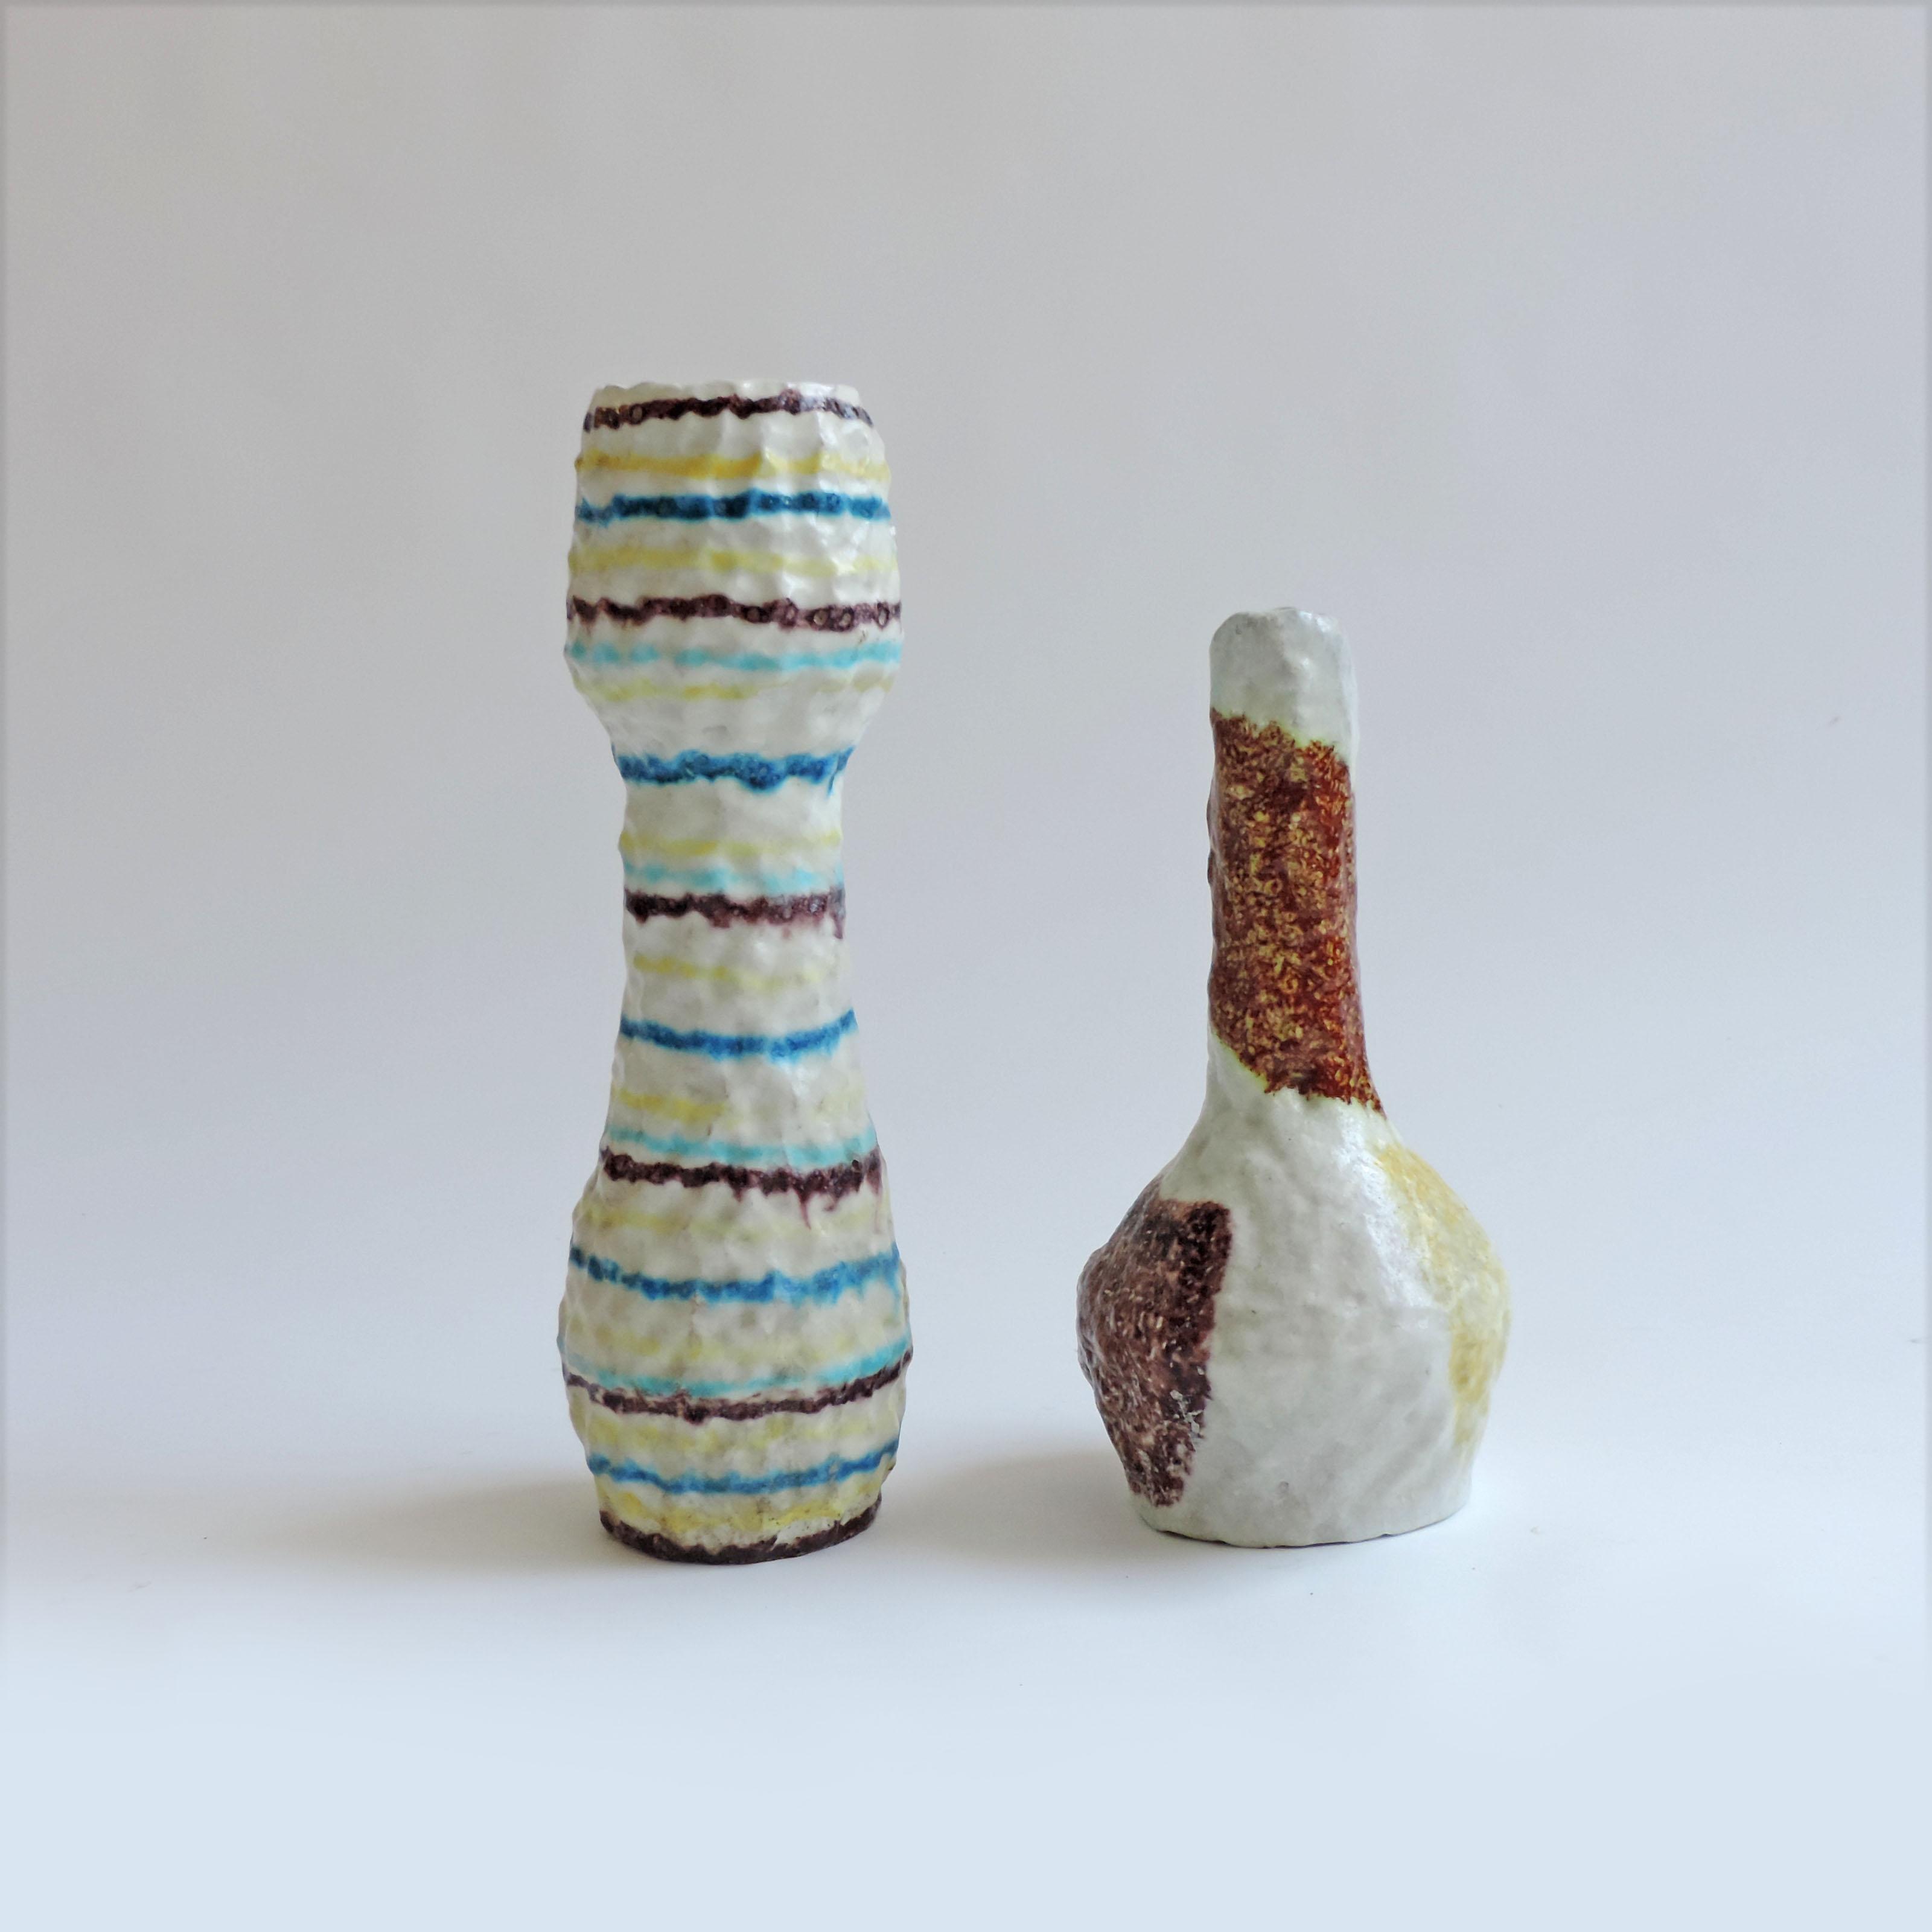 claudio Ferri ceramista italiano ceramics decorative arts